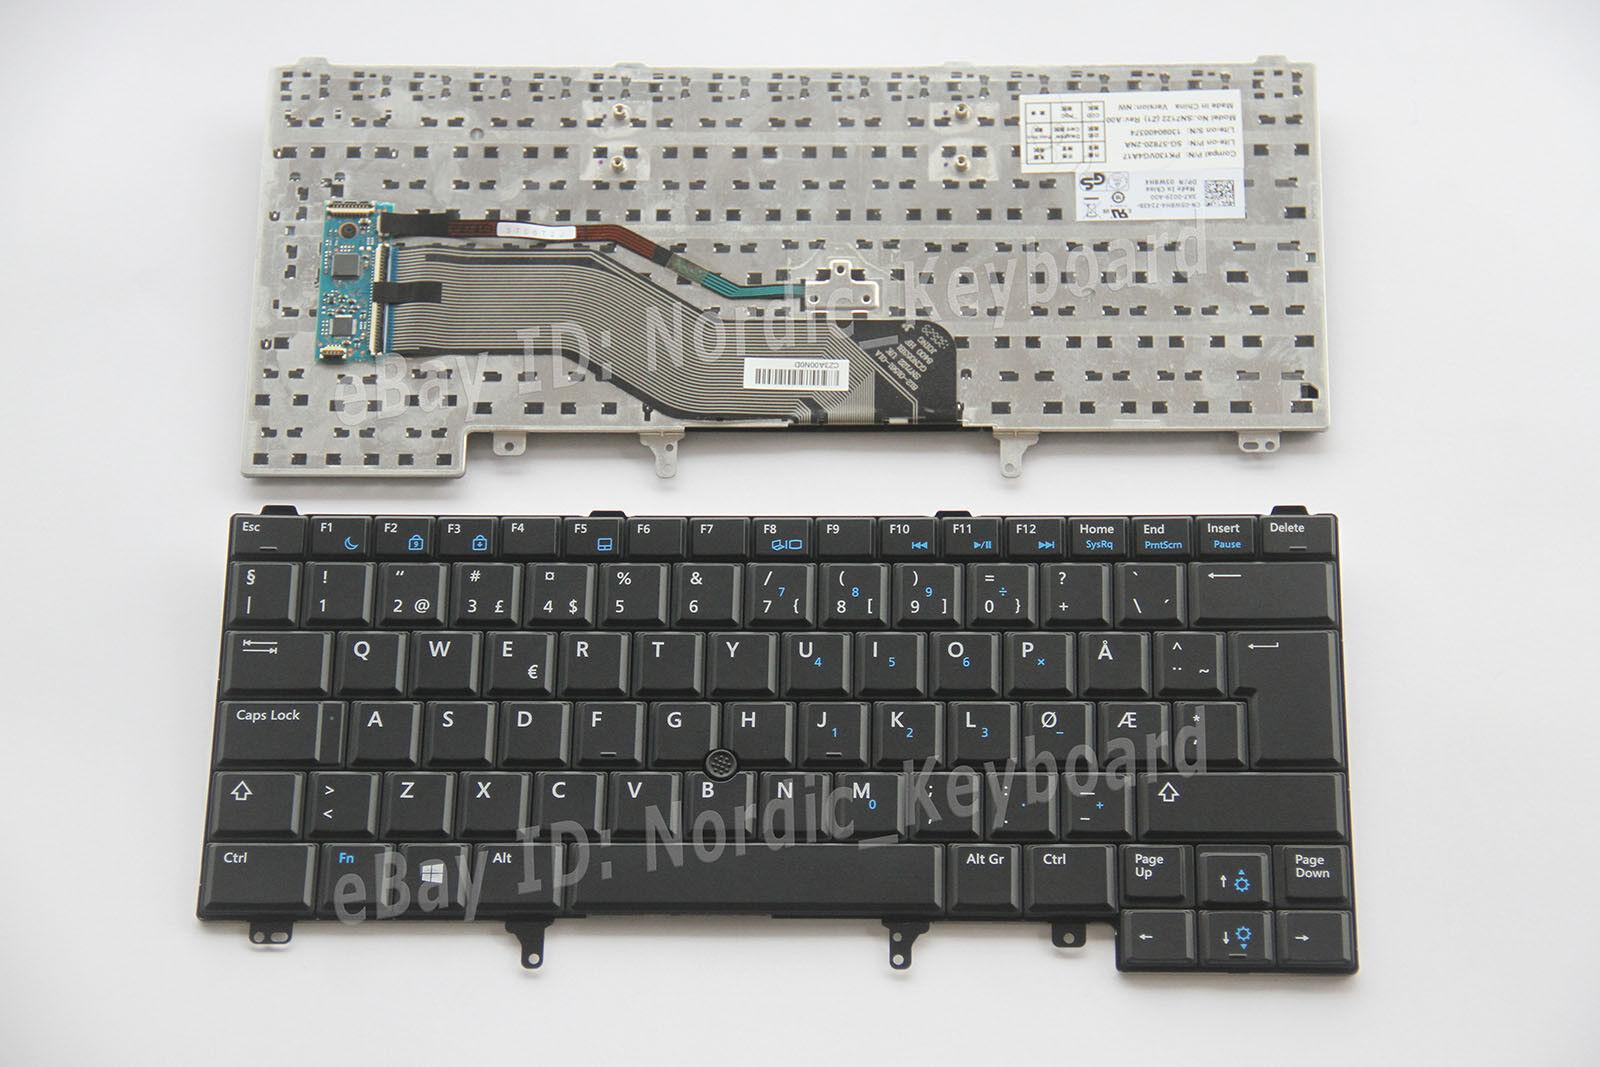 For Lenovo ThinkPad Edge 14 Edge 15 E40 E50 Keyboard Danish Norwegian Norsk DK